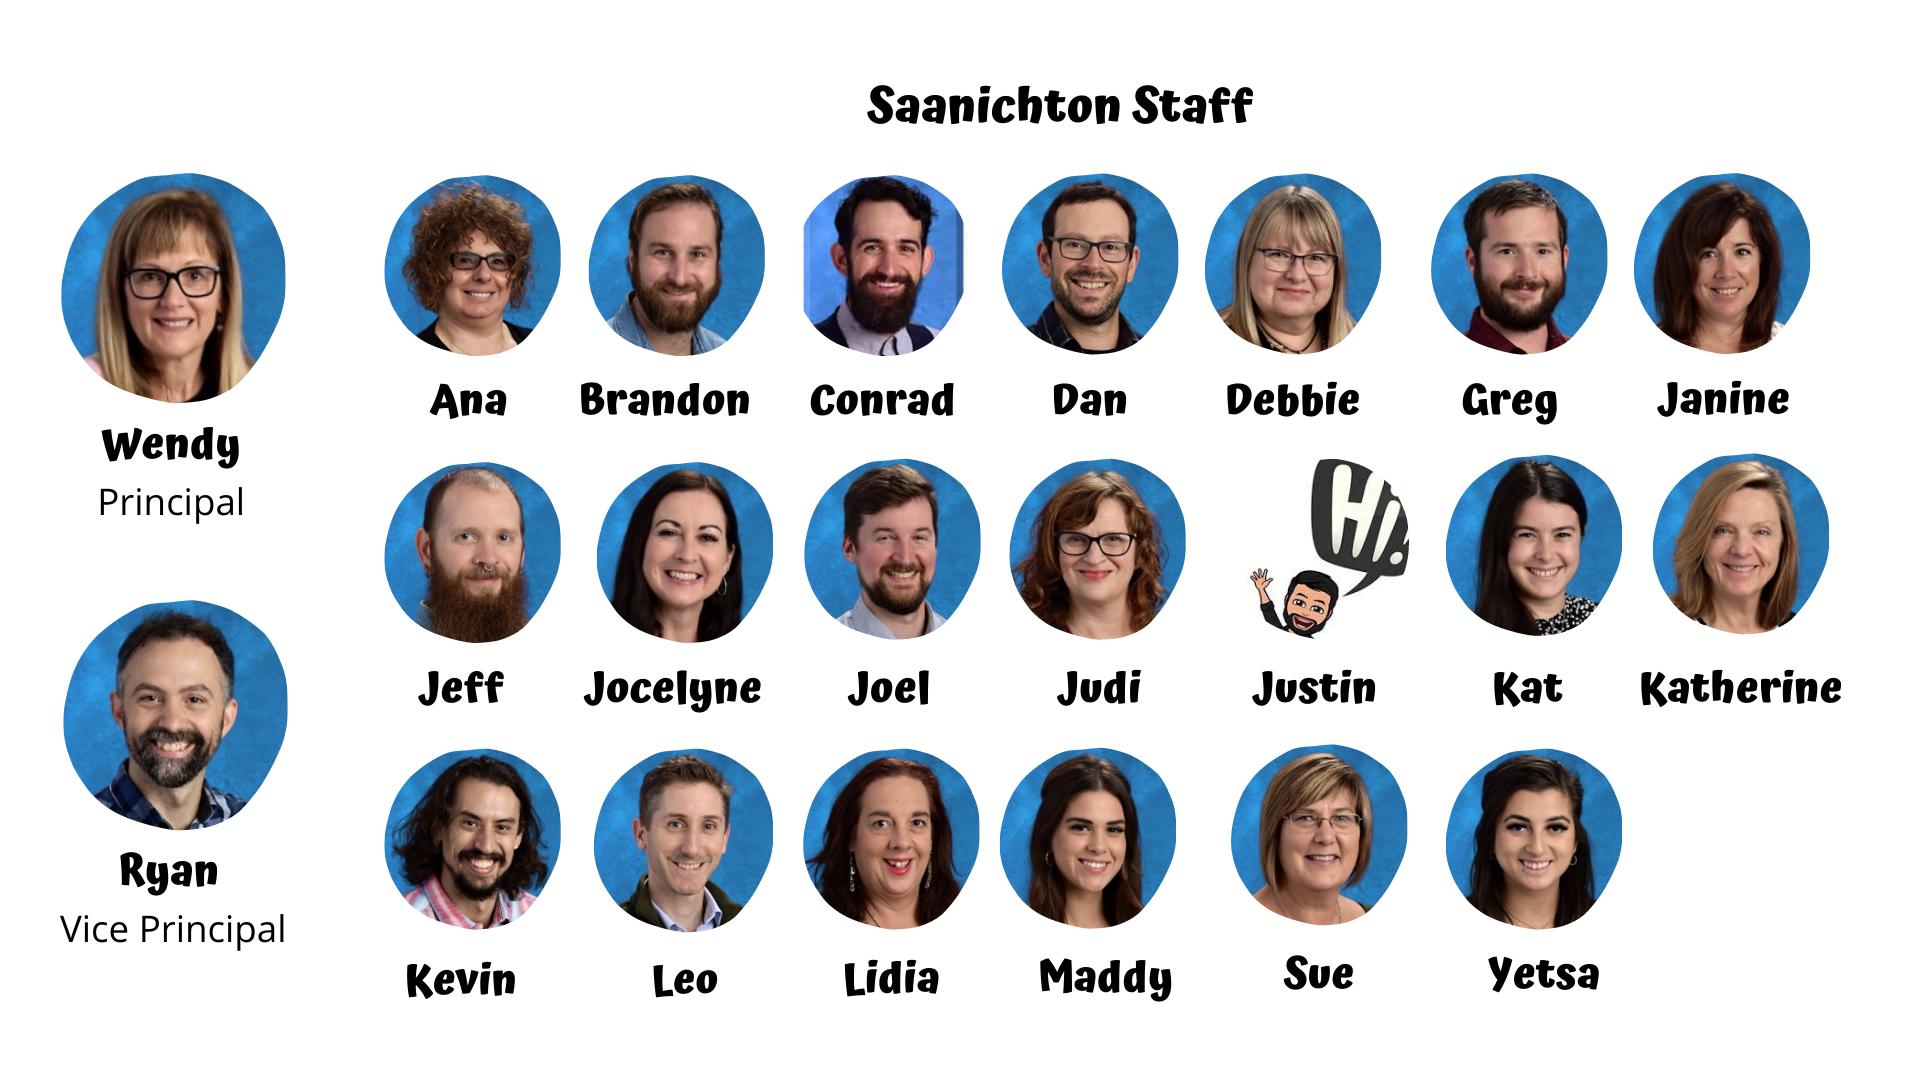 saanichton staff